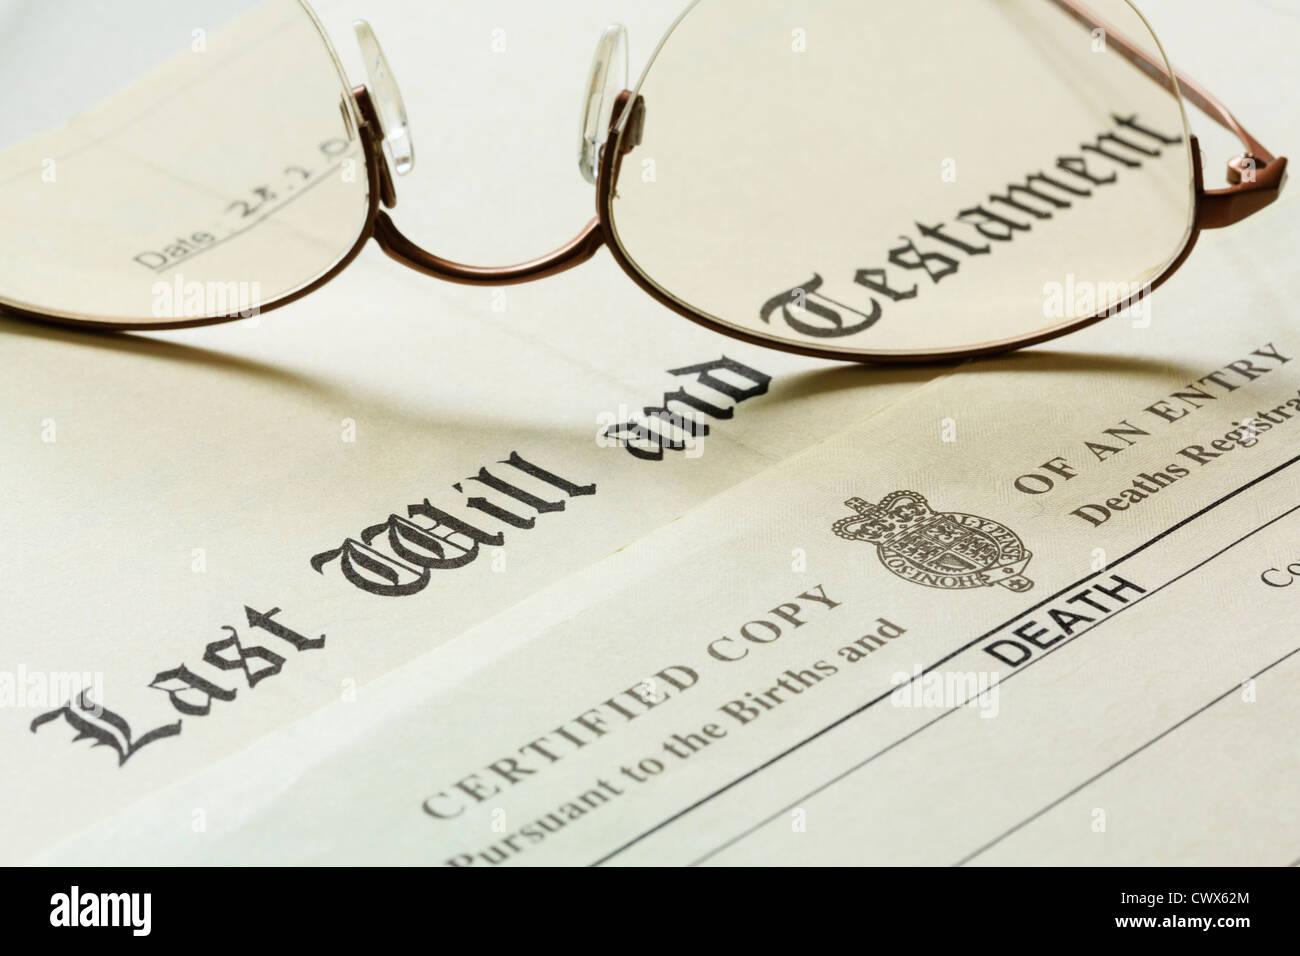 Letzter Wille und Testamentpapier mit einer Sterbeurkunde und einem Paar metallumrandete Spektakel. England Großbritannien Stockfoto